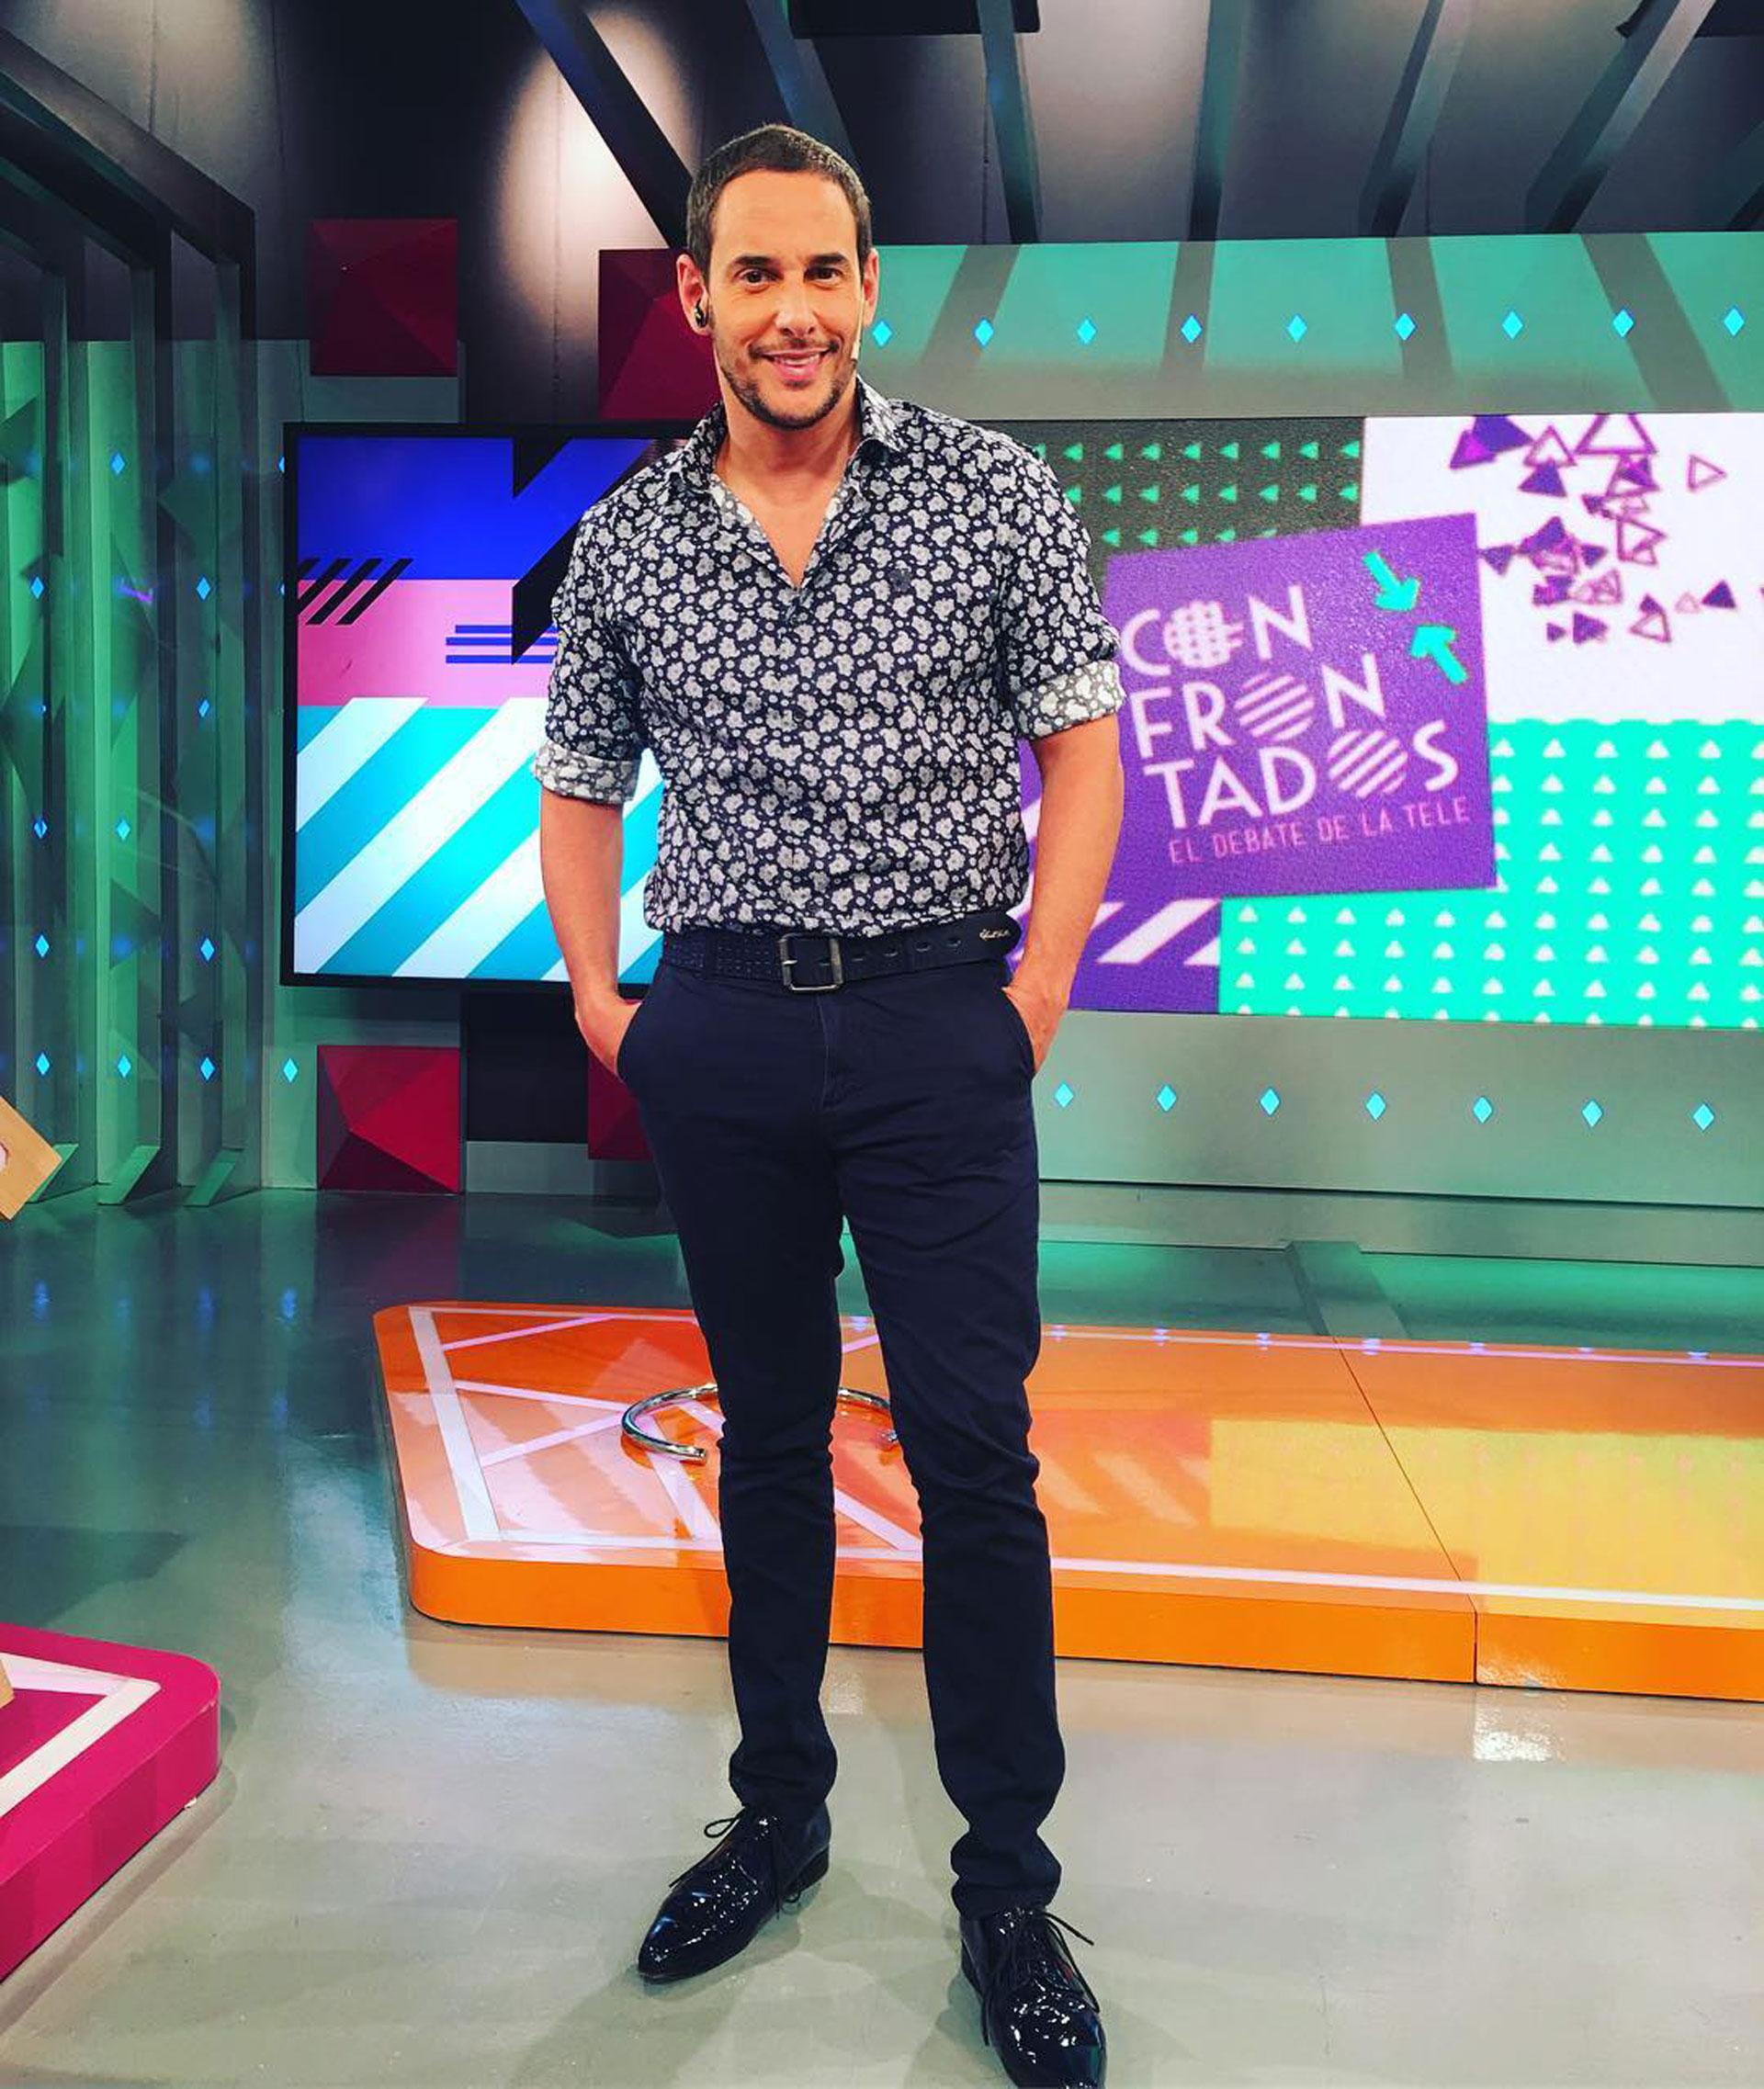 """Rodrigo conduce """"Conforntados"""" junto a Carla Conte."""